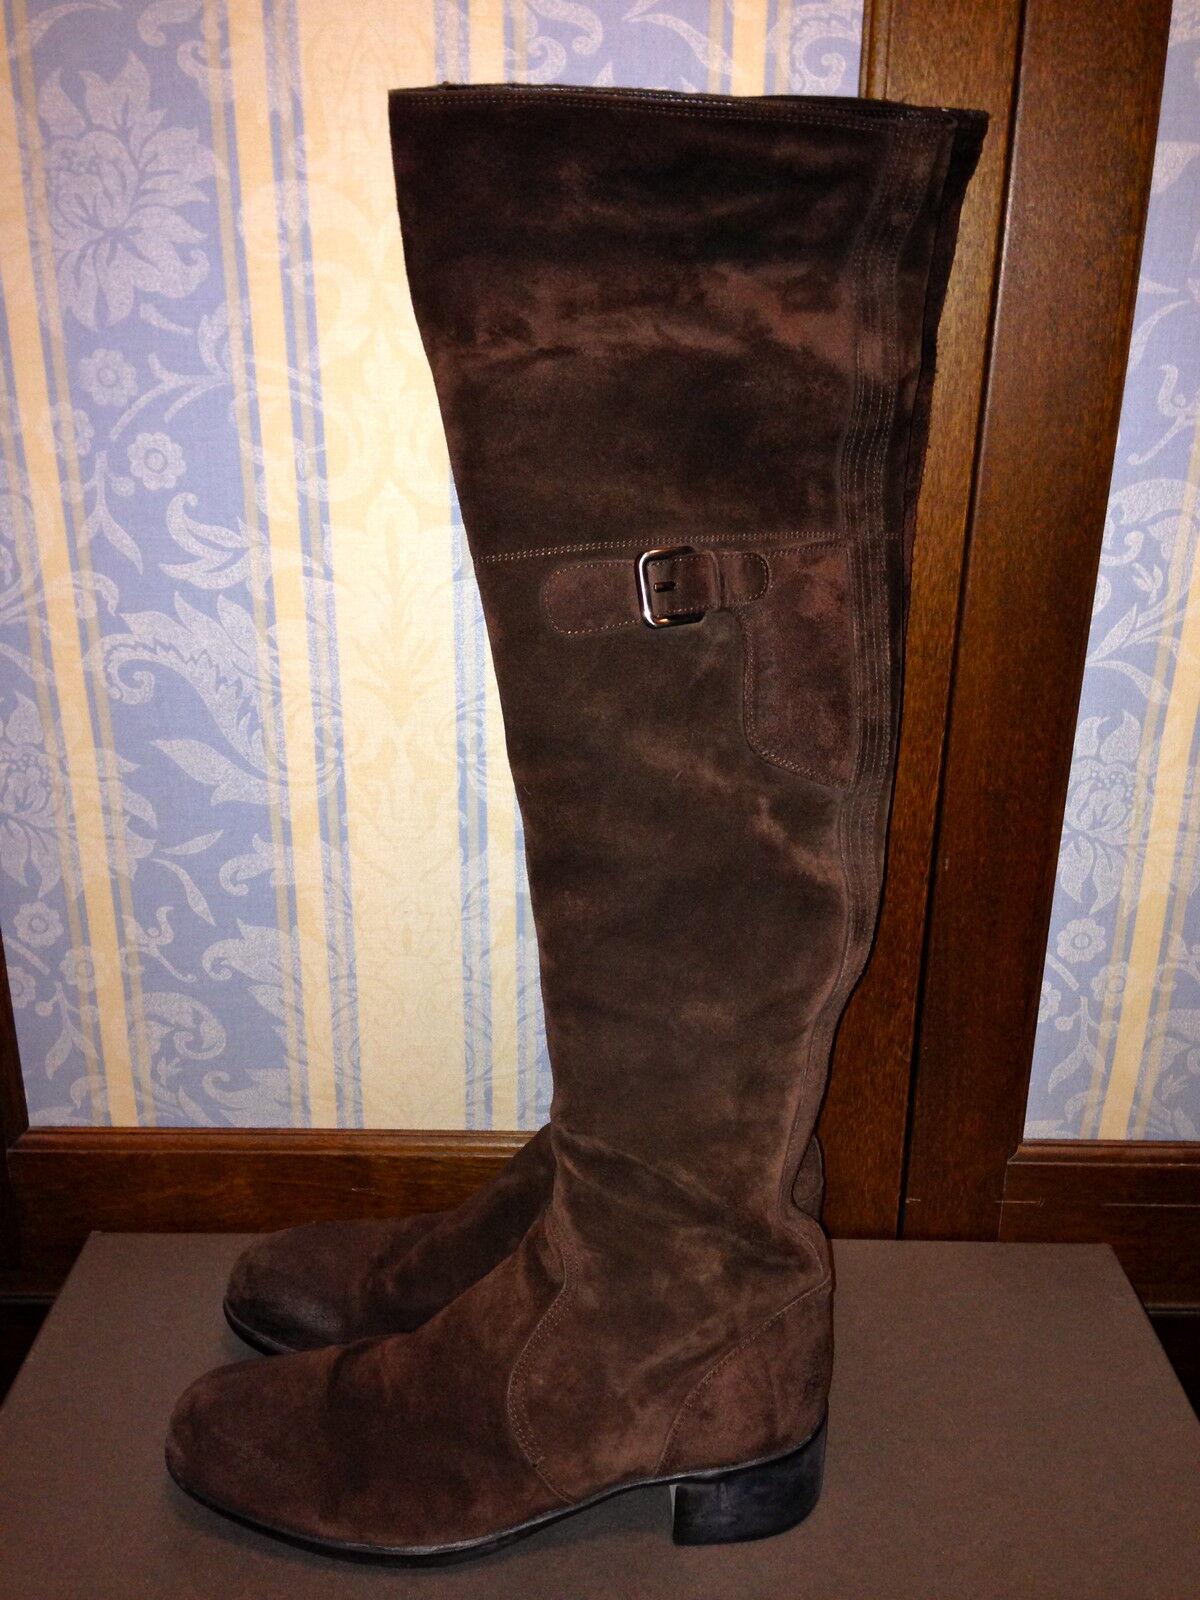 Prada camoscio stivali di camoscio Prada colore marrone Tg.39,5 ORIGINALI! 0ddc4d